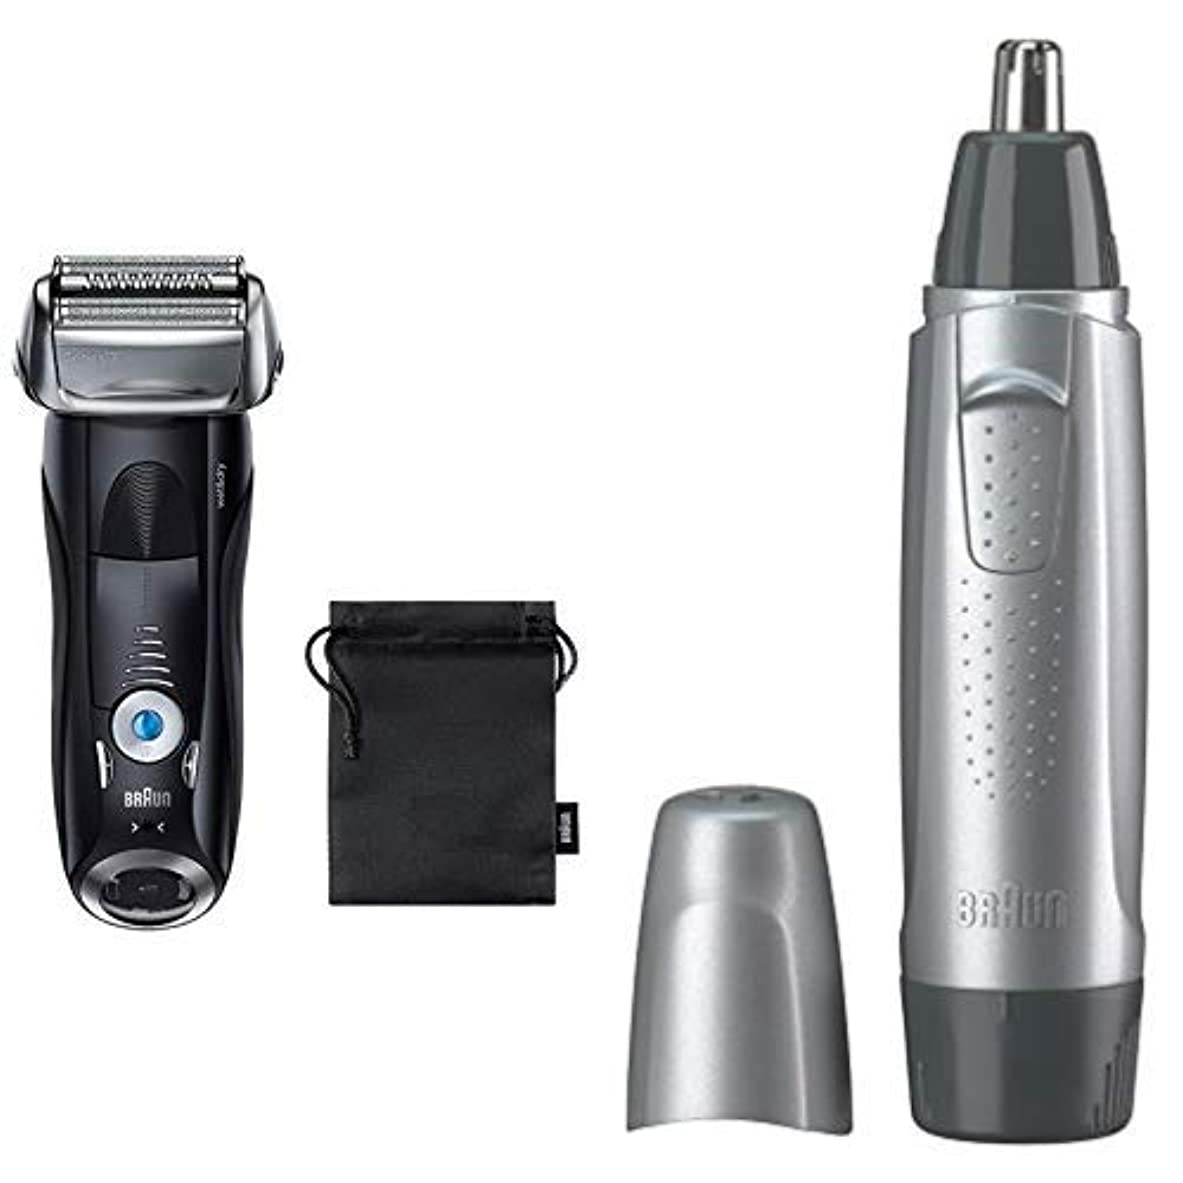 スチュワードストレス競争力のある【セット買い】ブラウン メンズ電気シェーバー シリーズ7 7842s-P + 鼻毛カッター EN10